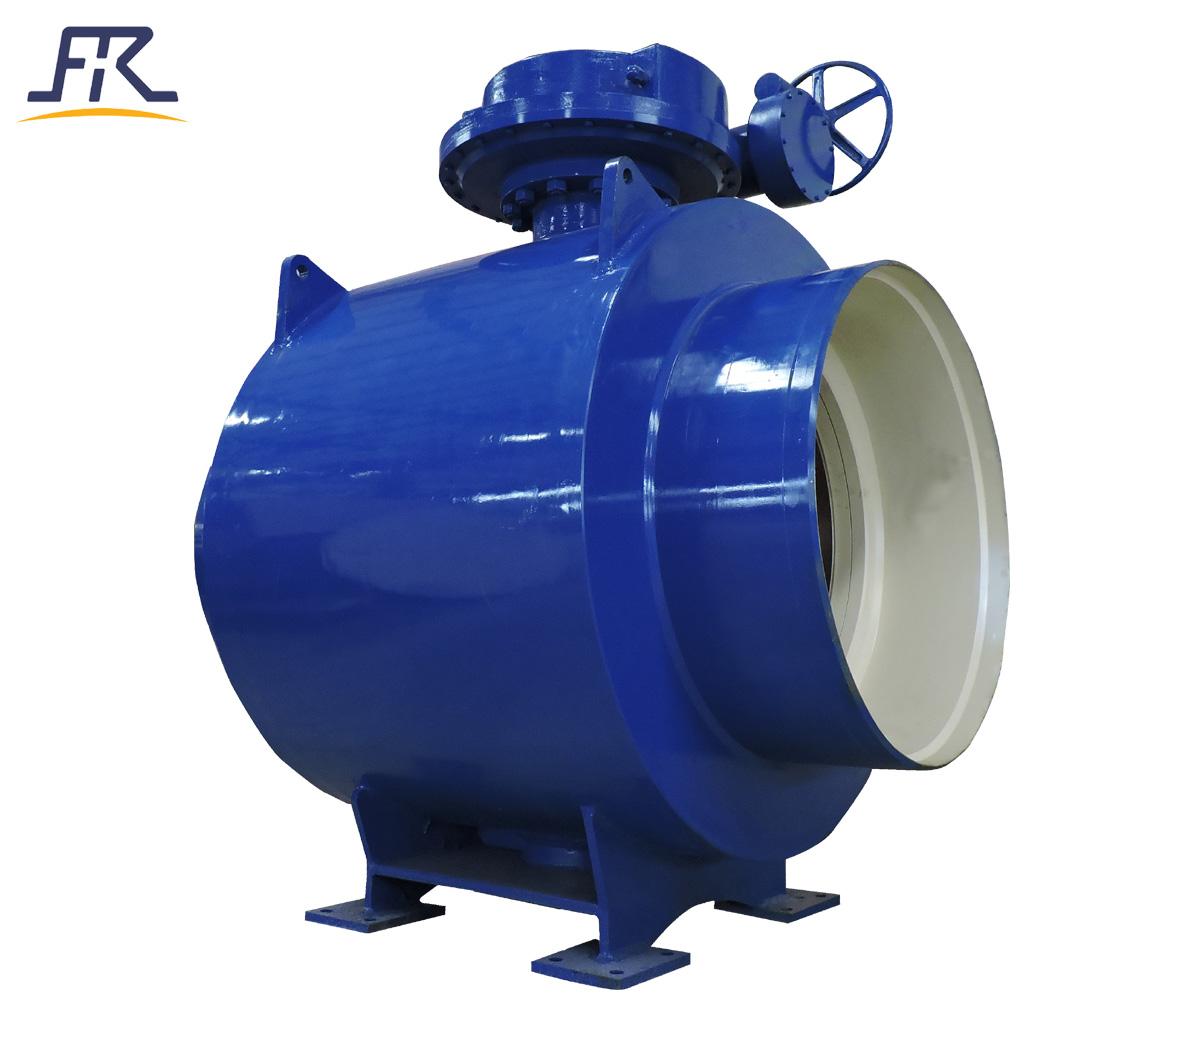 Fully welded ball valve